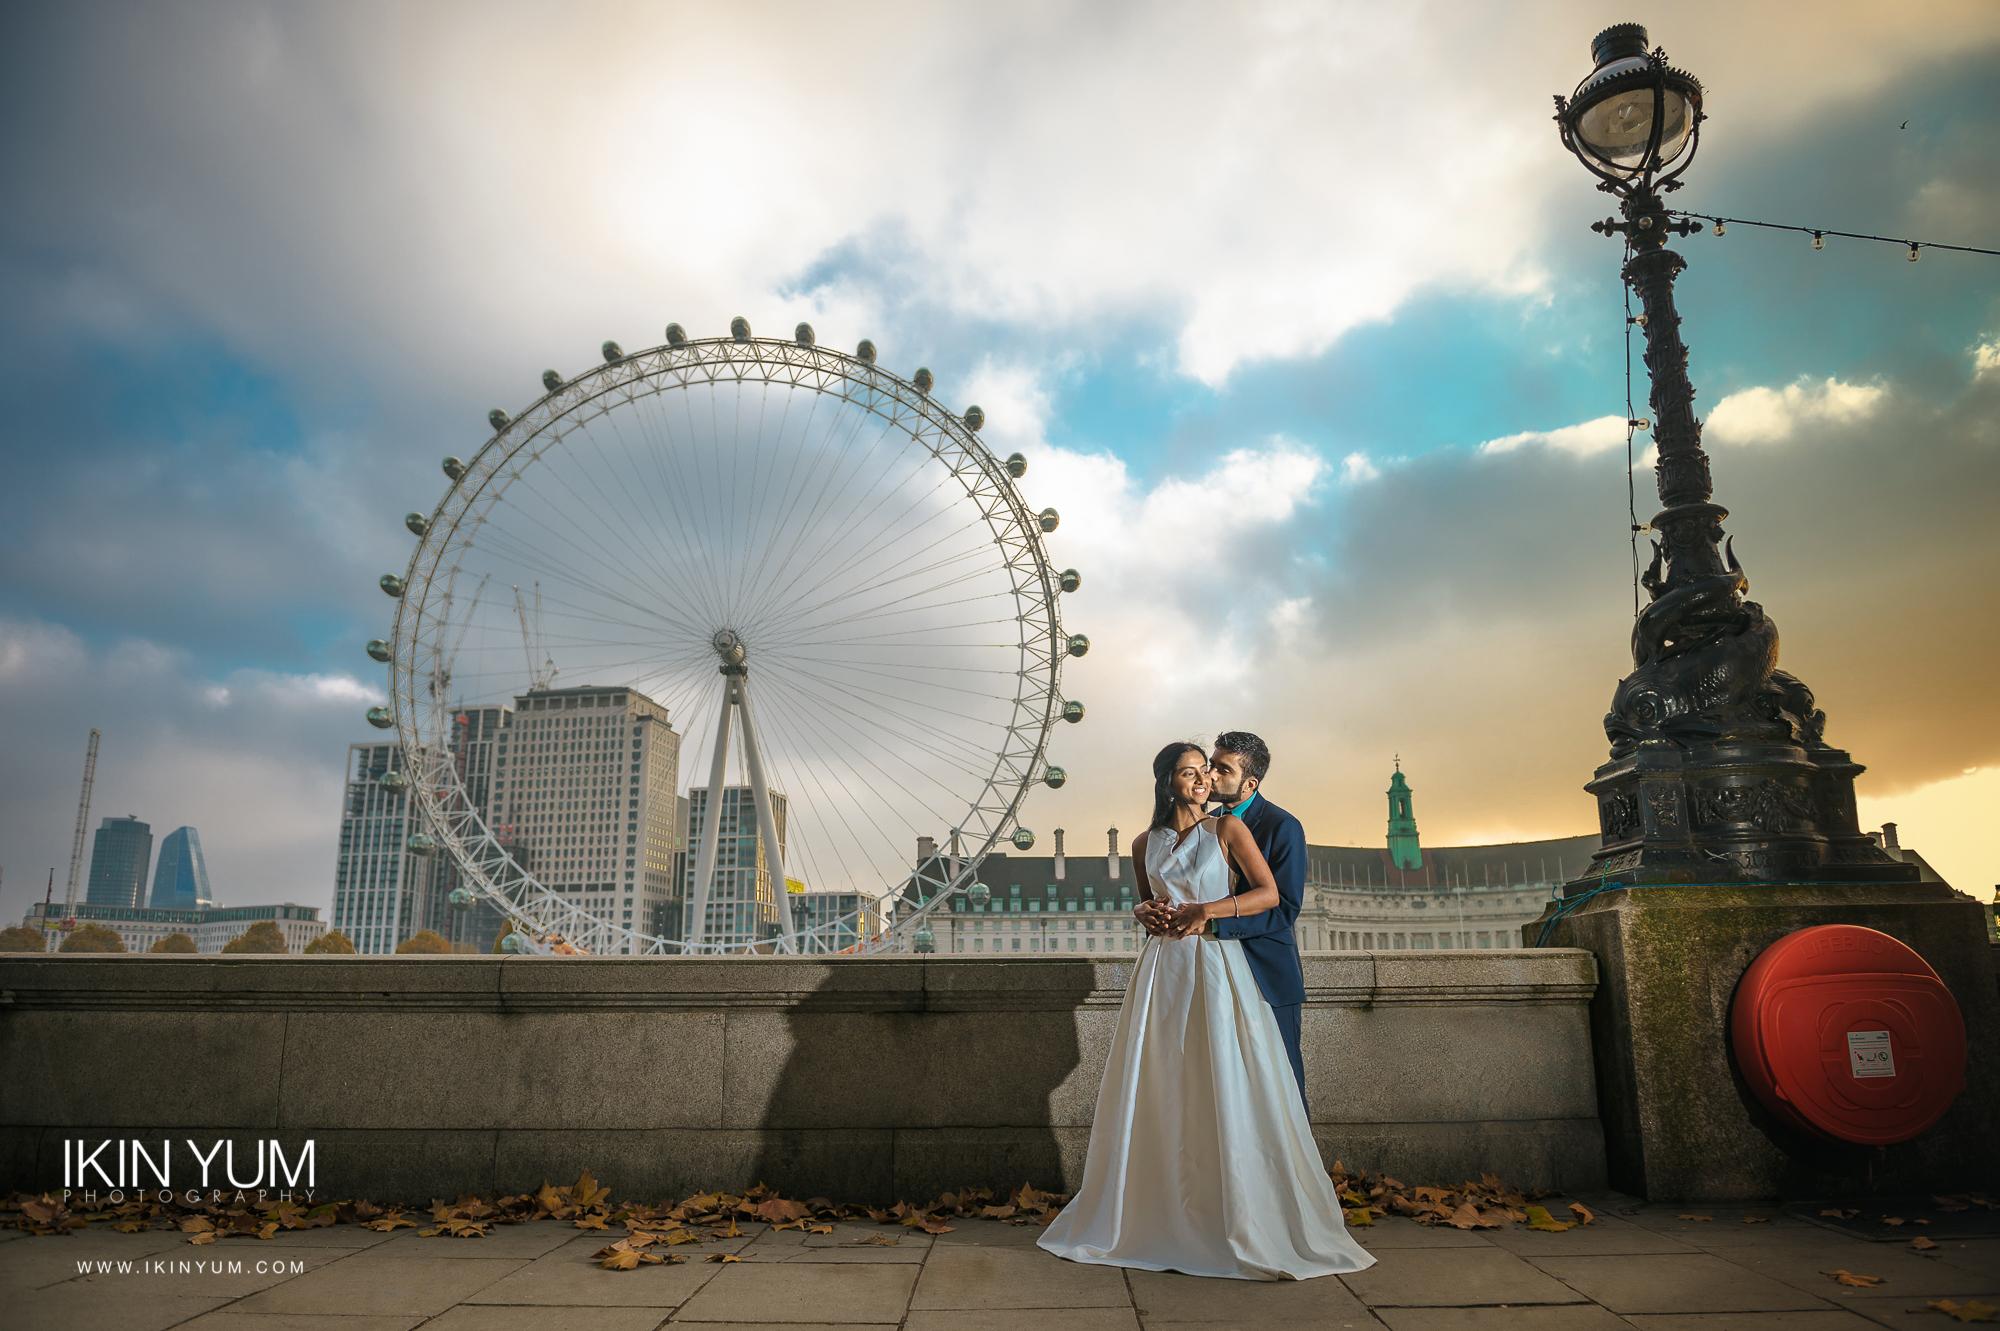 Pre-Wedding Shoot - London -Preethi & Dhanvee-010.jpg